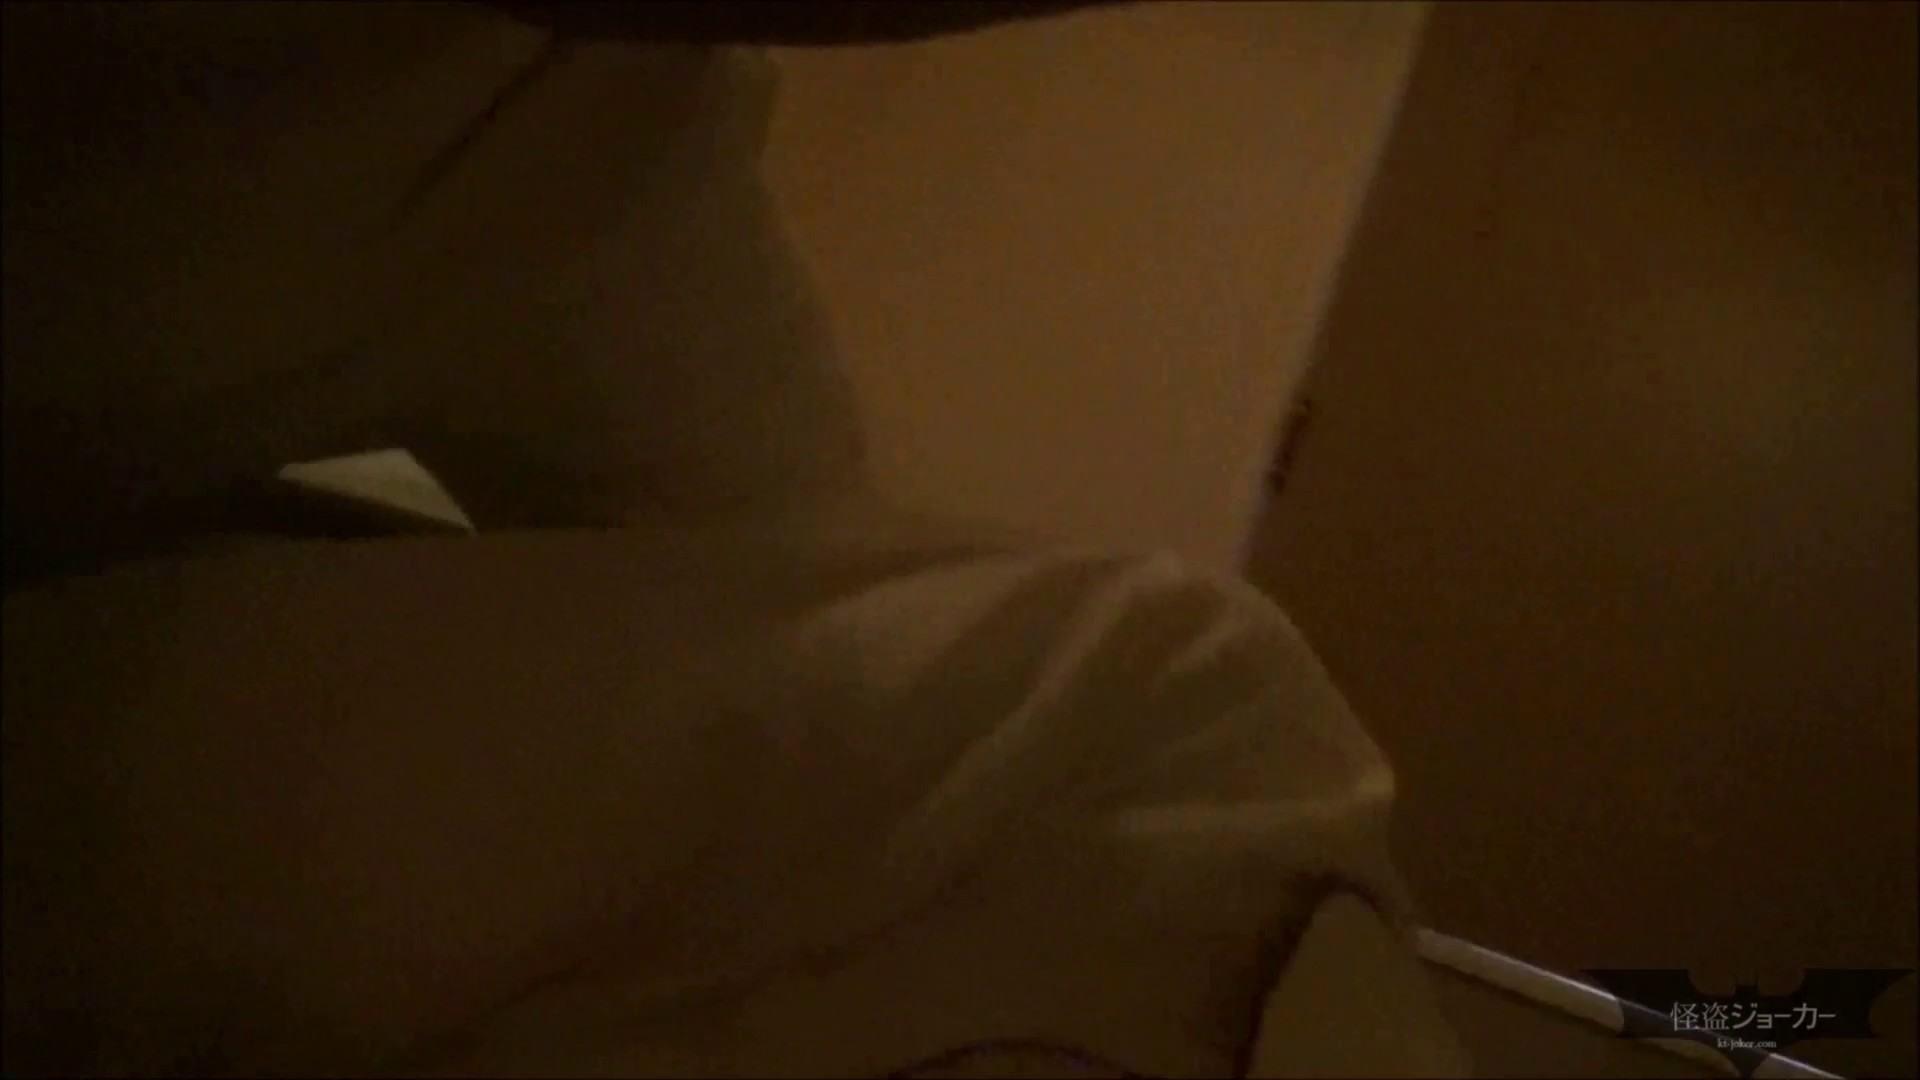 【未公開】vol.97 {茶髪→黒髪ギャル}美巨乳アミちゃん③【後編】 美乳   セックス  85枚 31